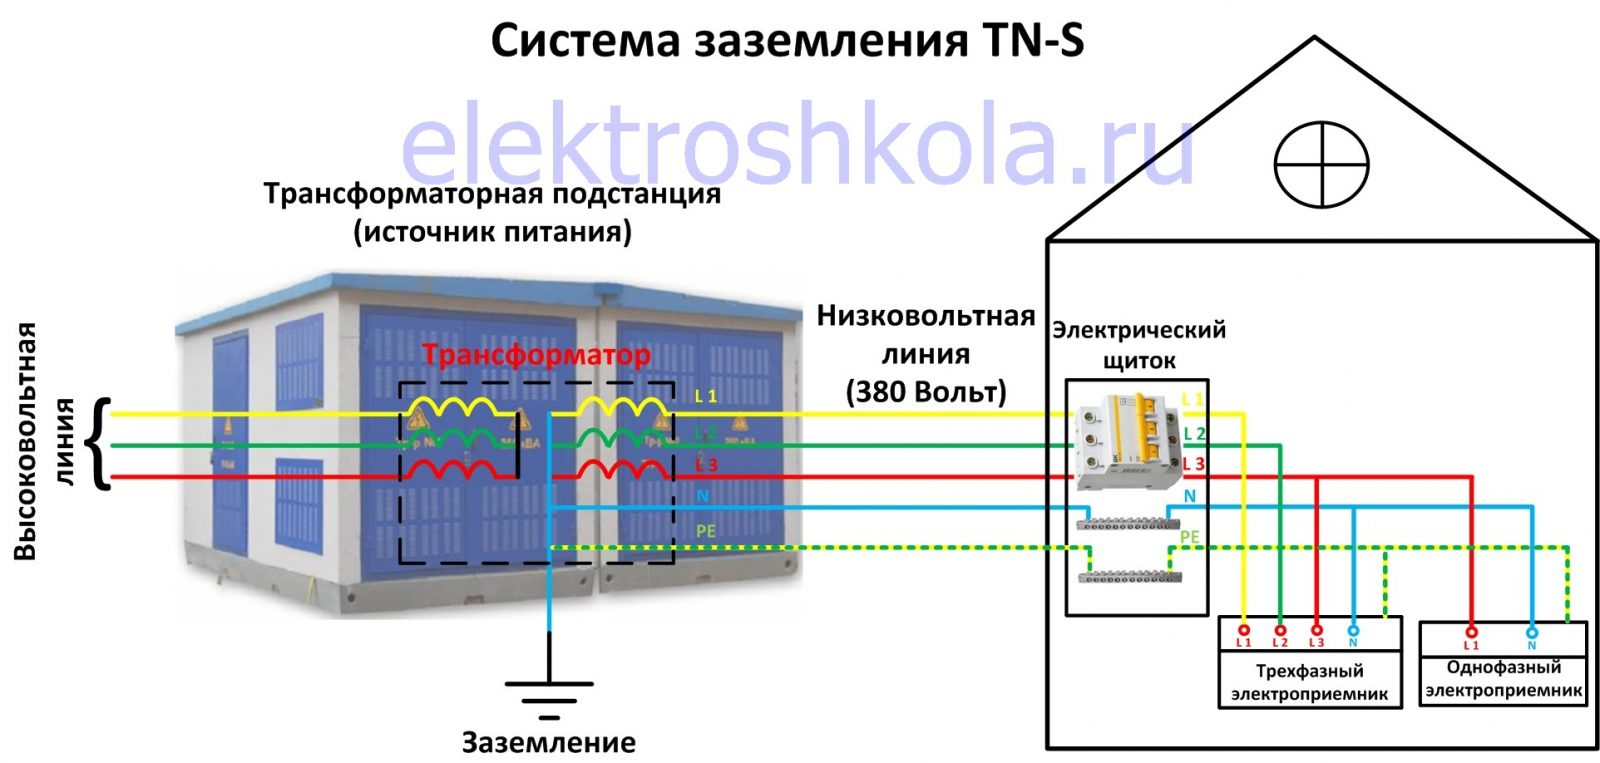 система заземления TN-S схема